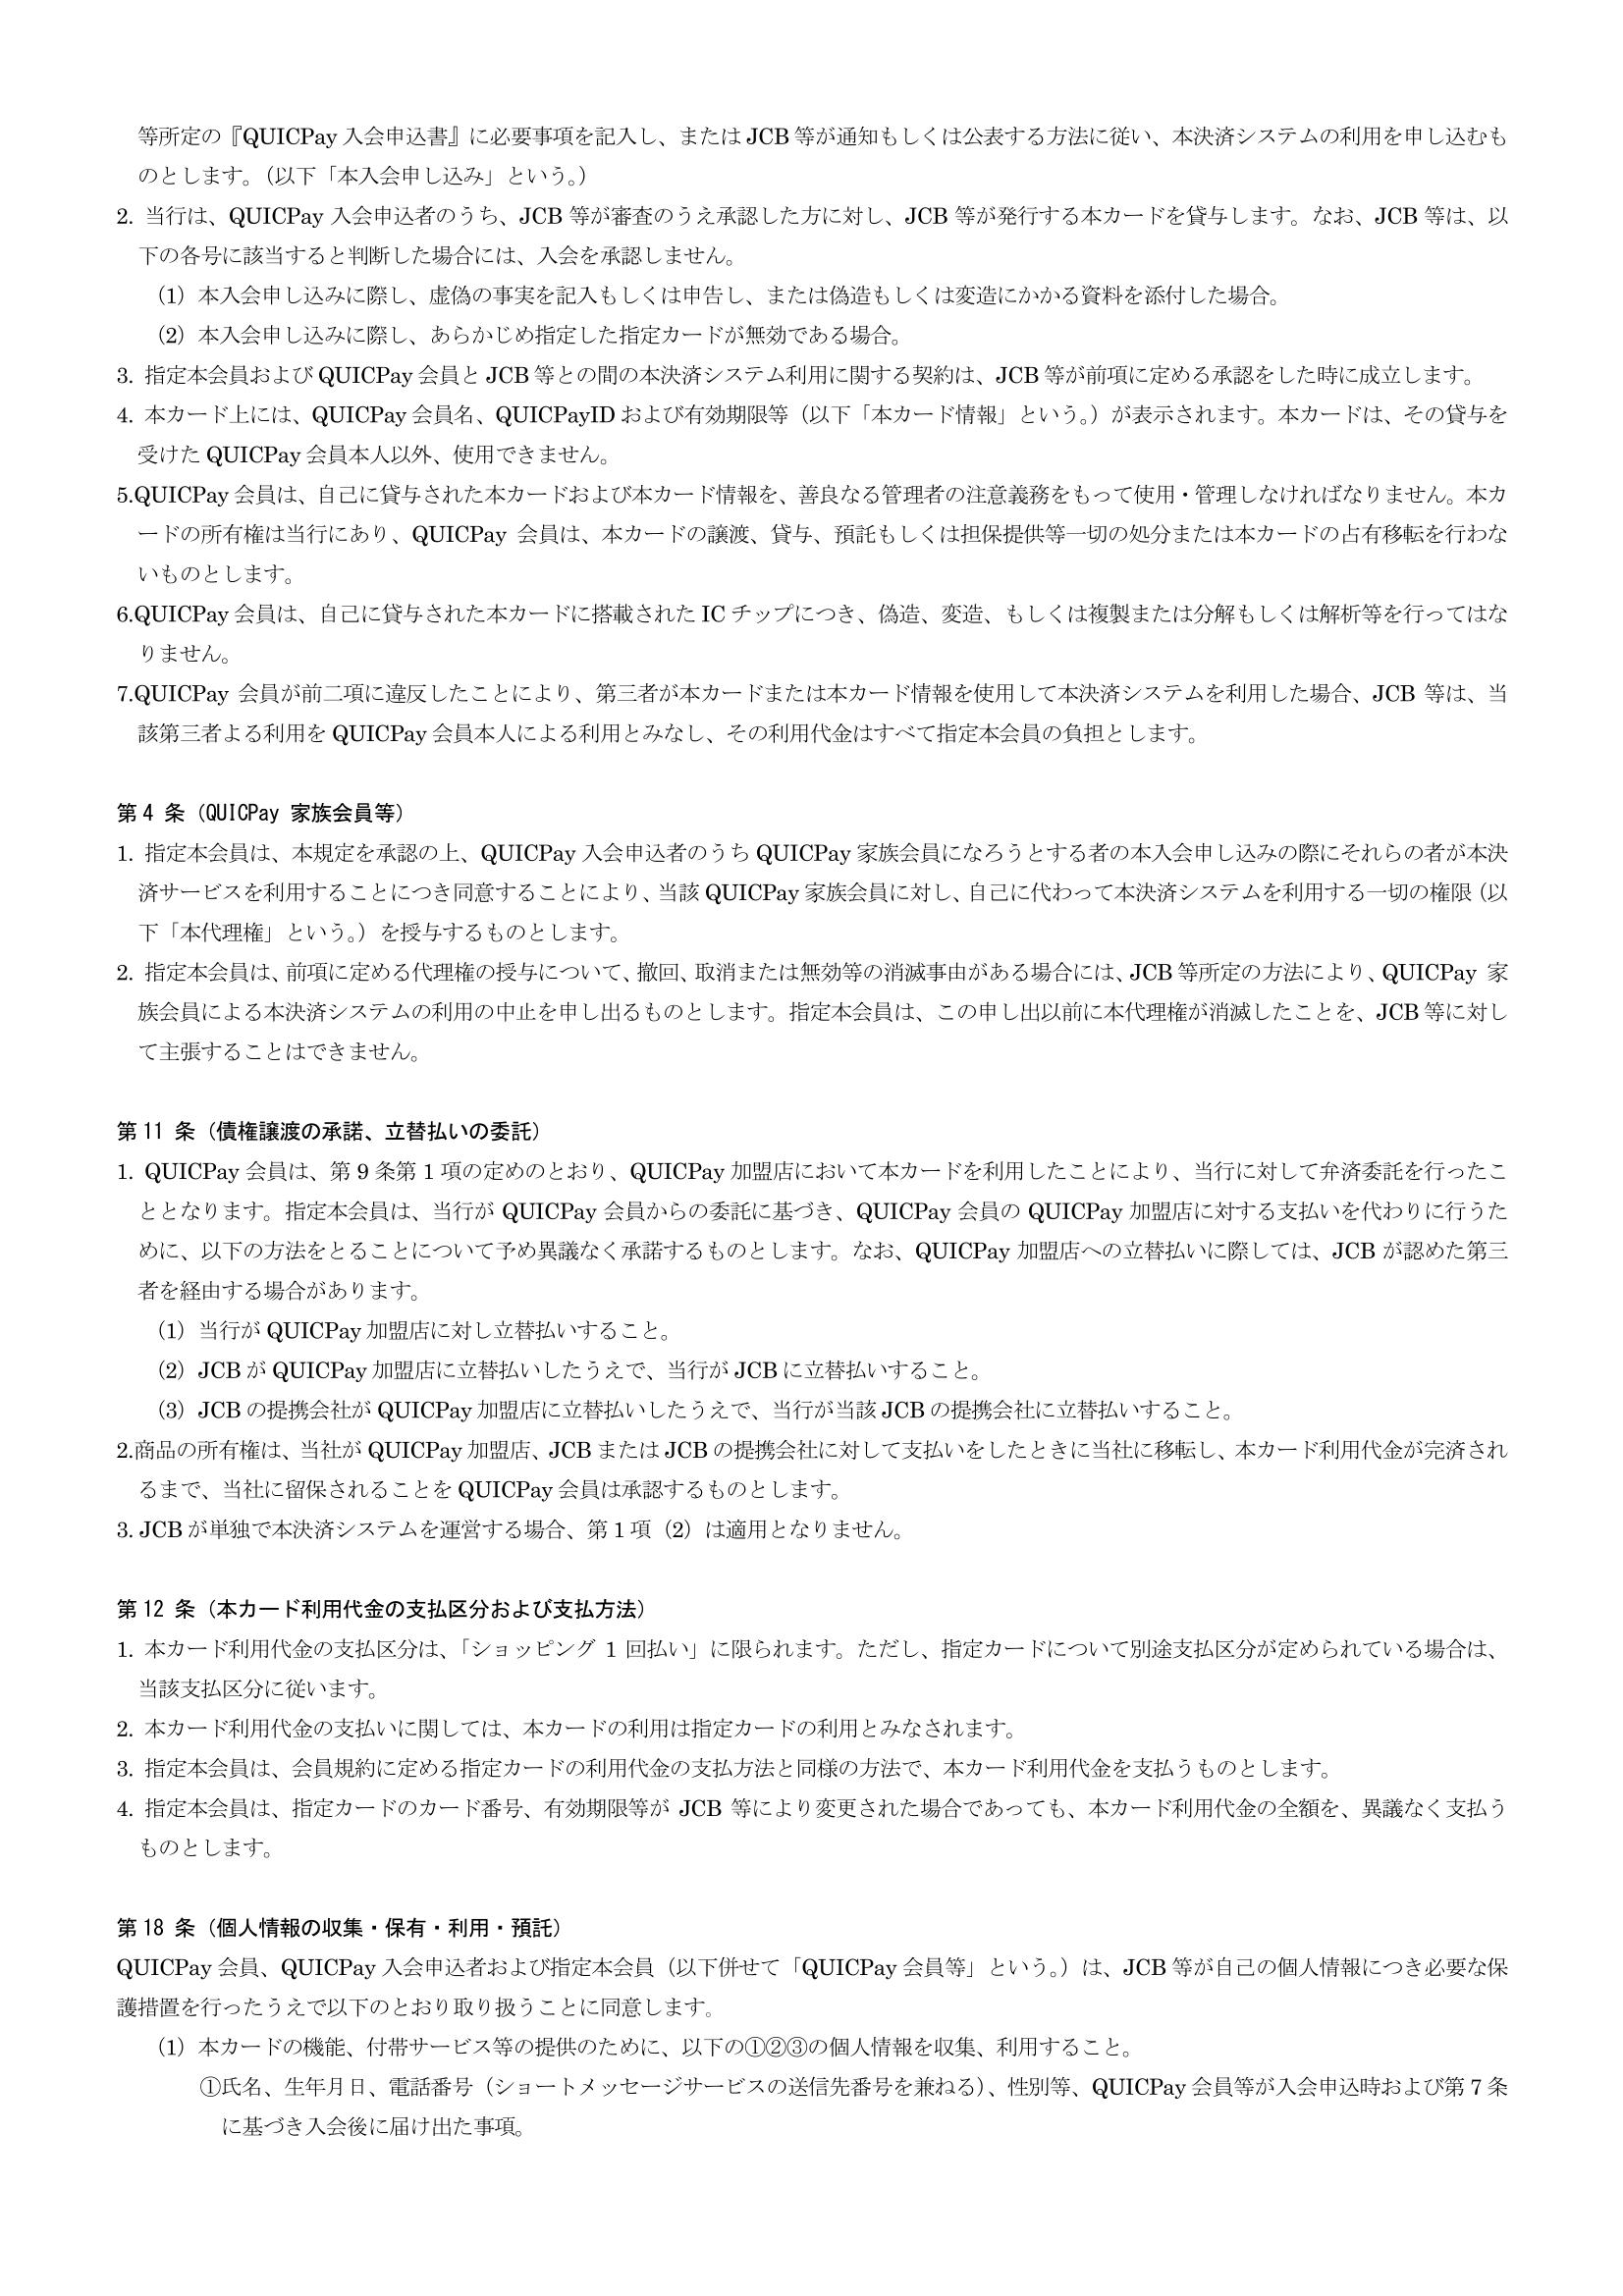 明細 co サービス e Jcb